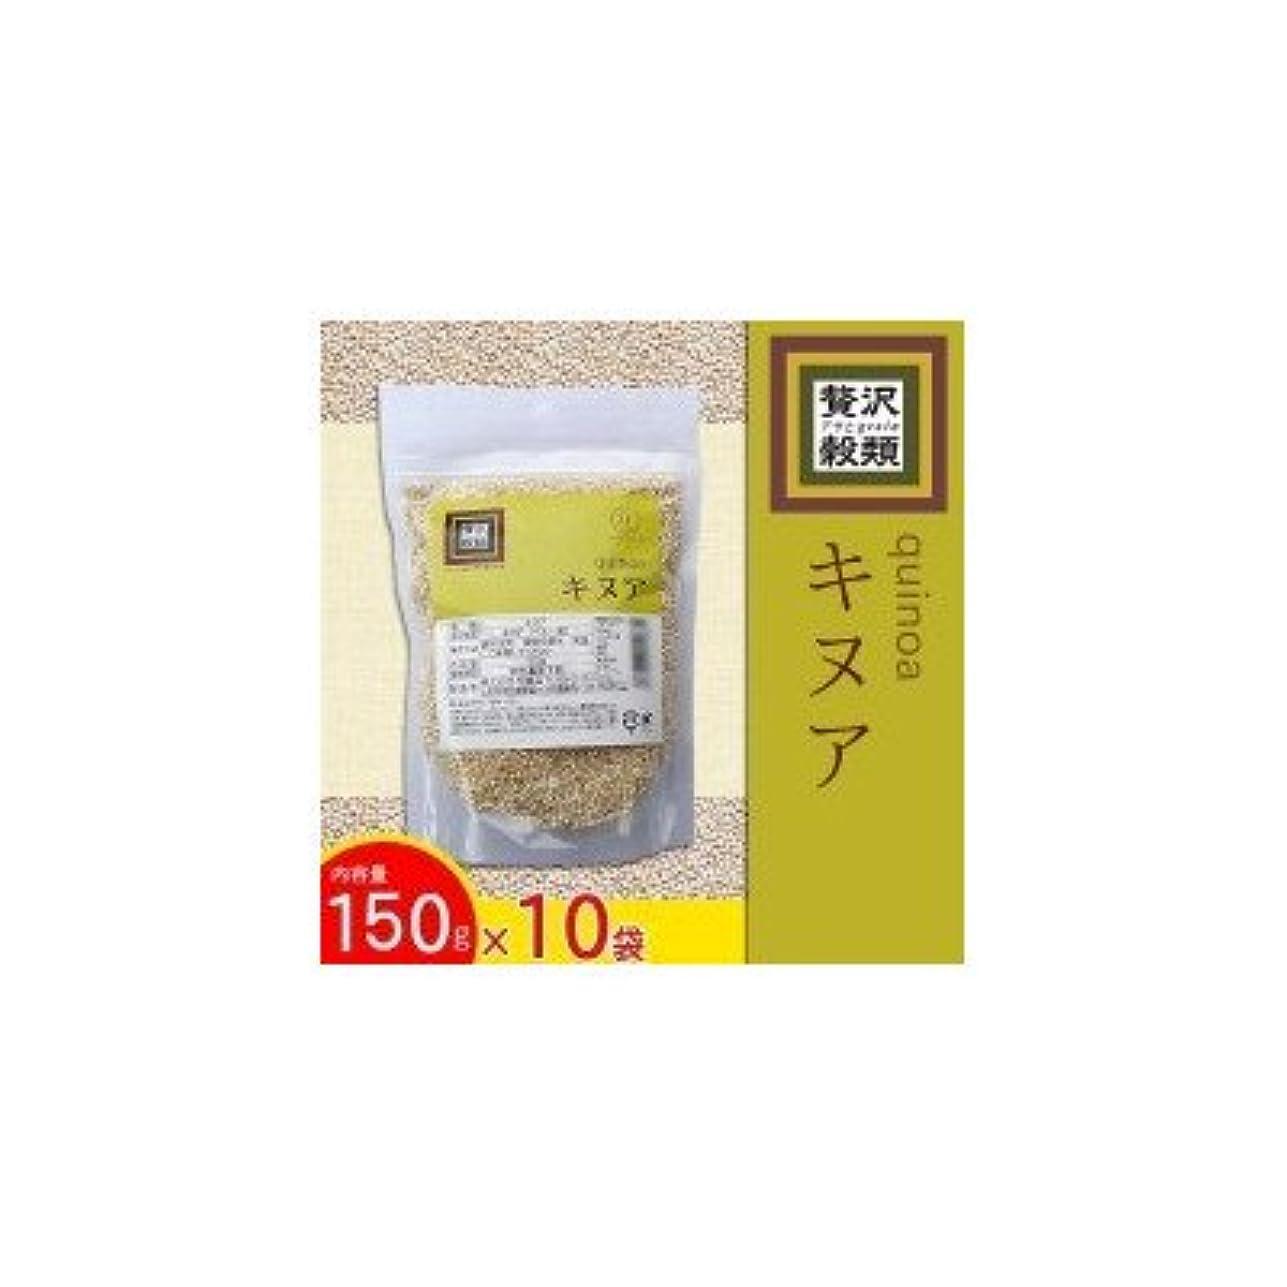 然としたカポック行動贅沢穀類 キヌア 150g×10袋